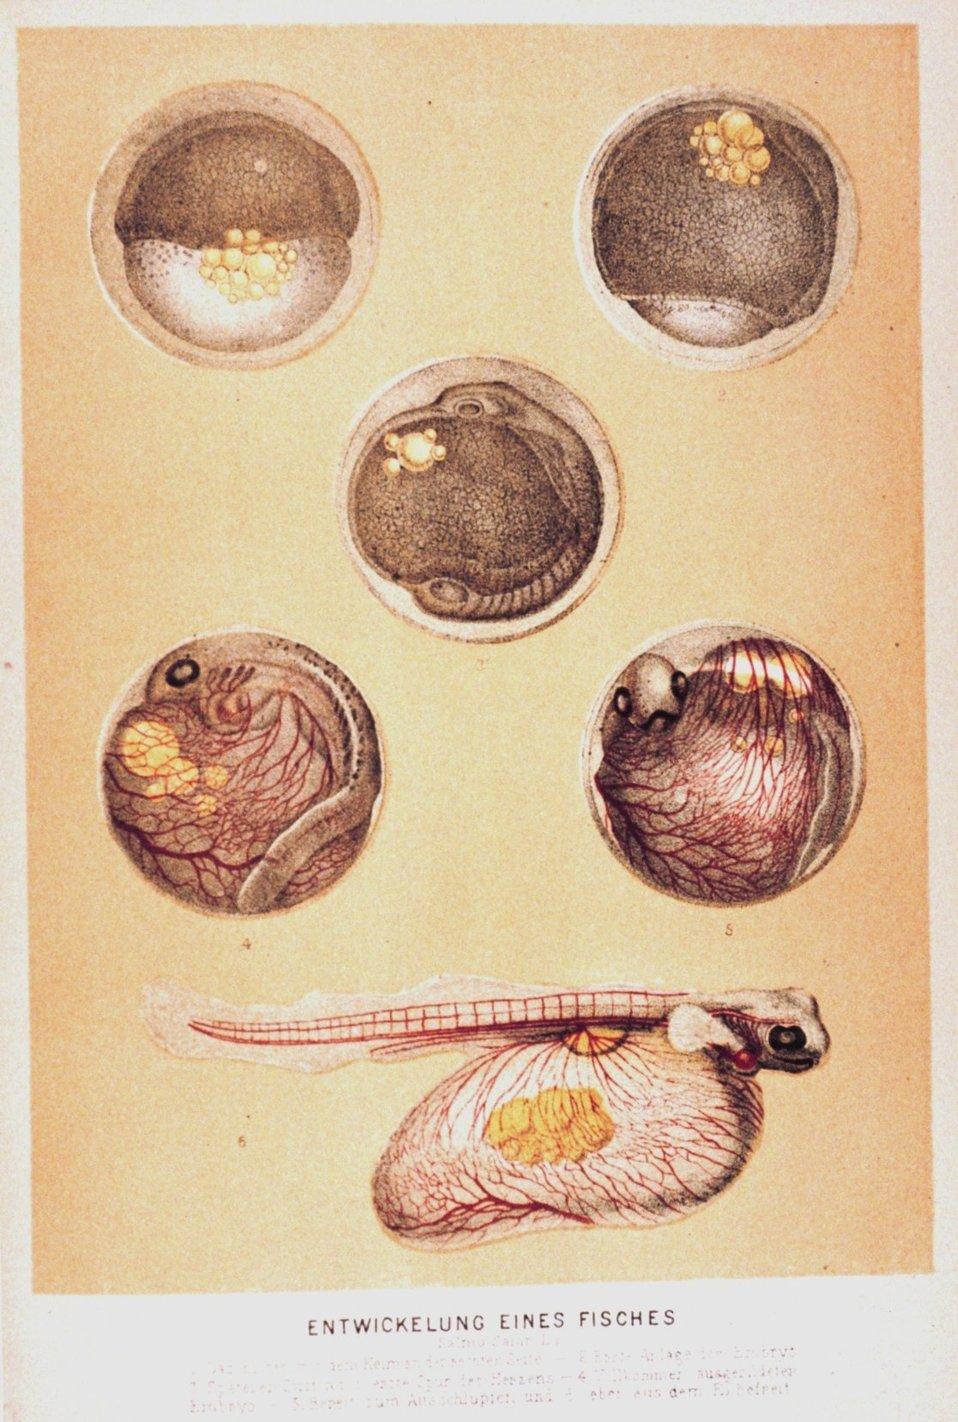 'Entwickelung eines Fisches'.  Fish embryo.  In: 'Das Meer' by M. J. Schleiden, 1804-1881.  P. 538. Library Call Number QH91.S23 1888.